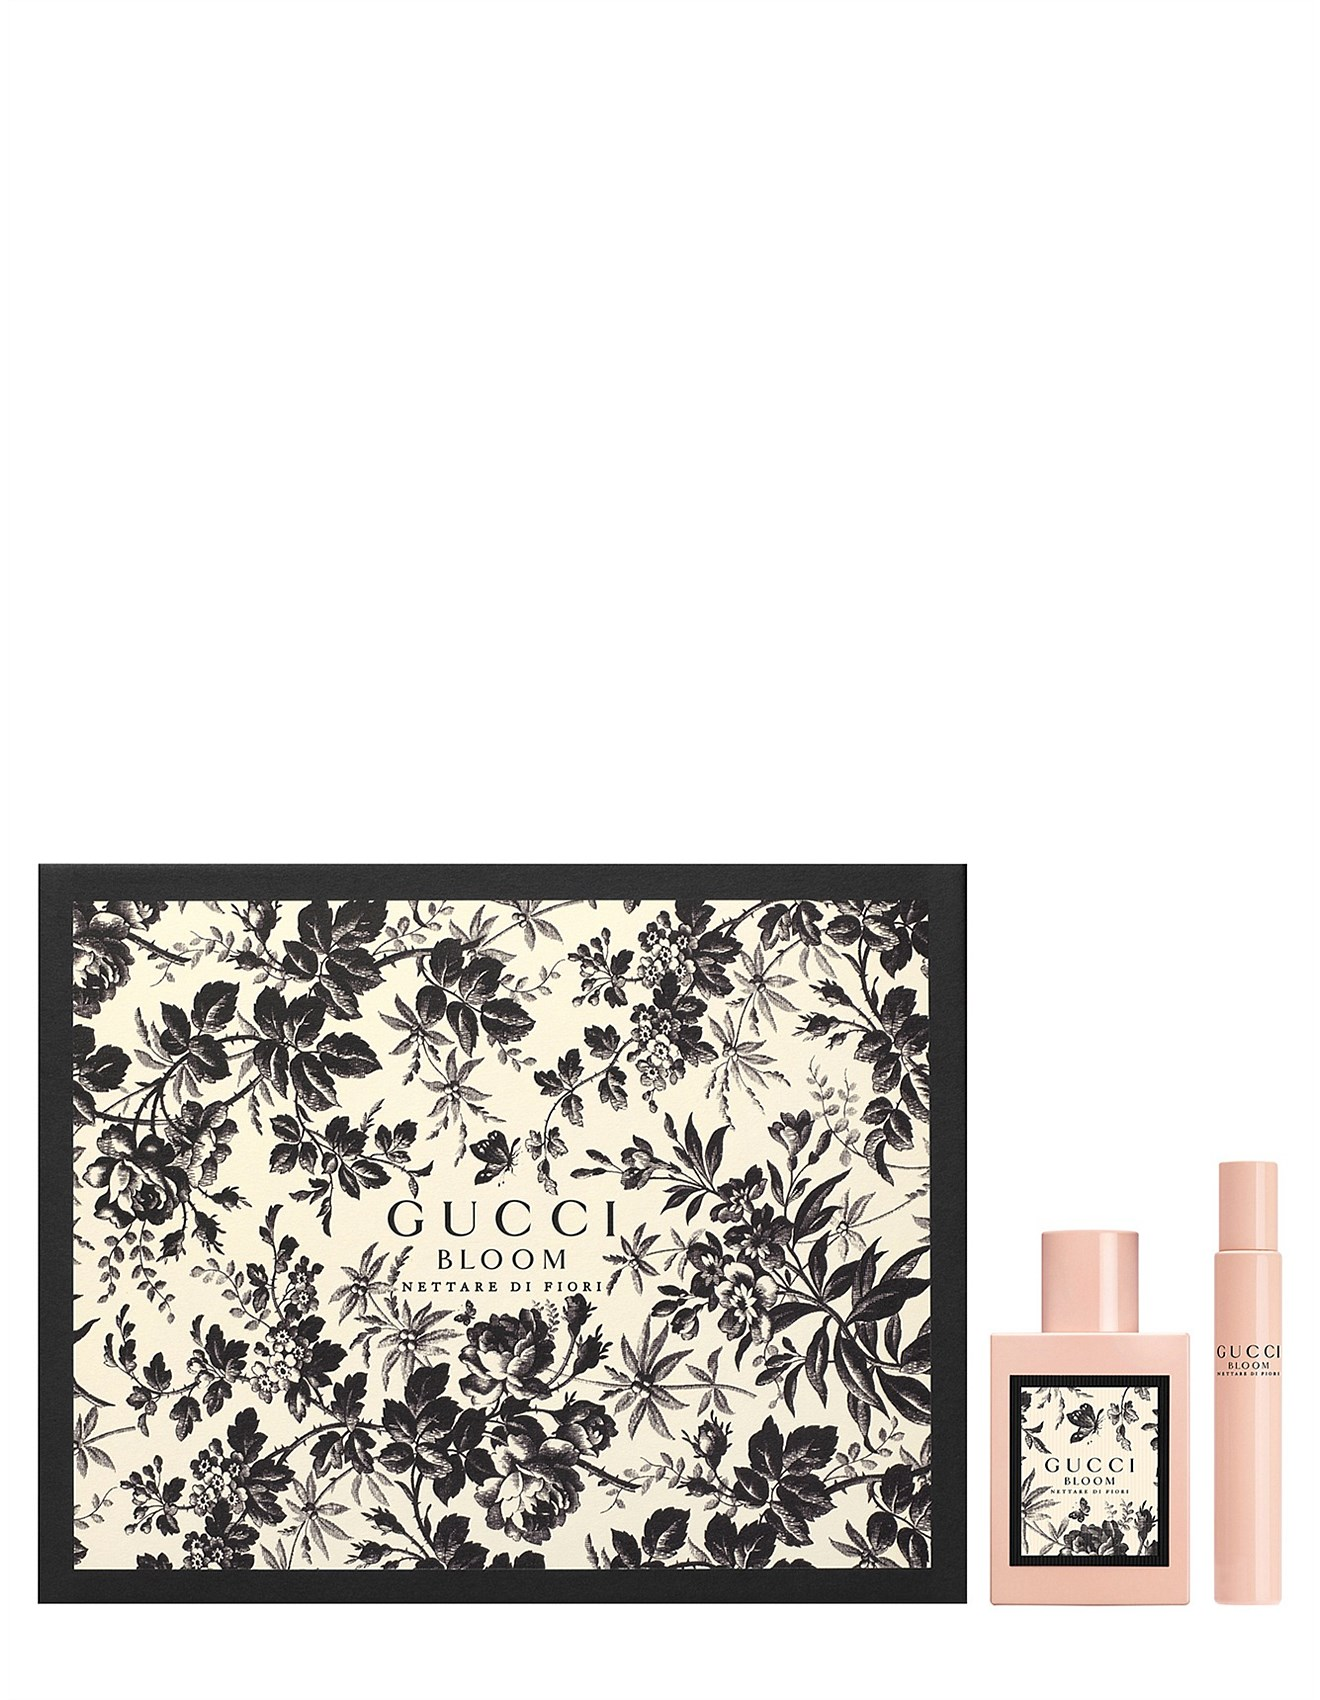 e809c069186 Gucci Bloom Nettare di Fiori Edp 50ml Gift Set